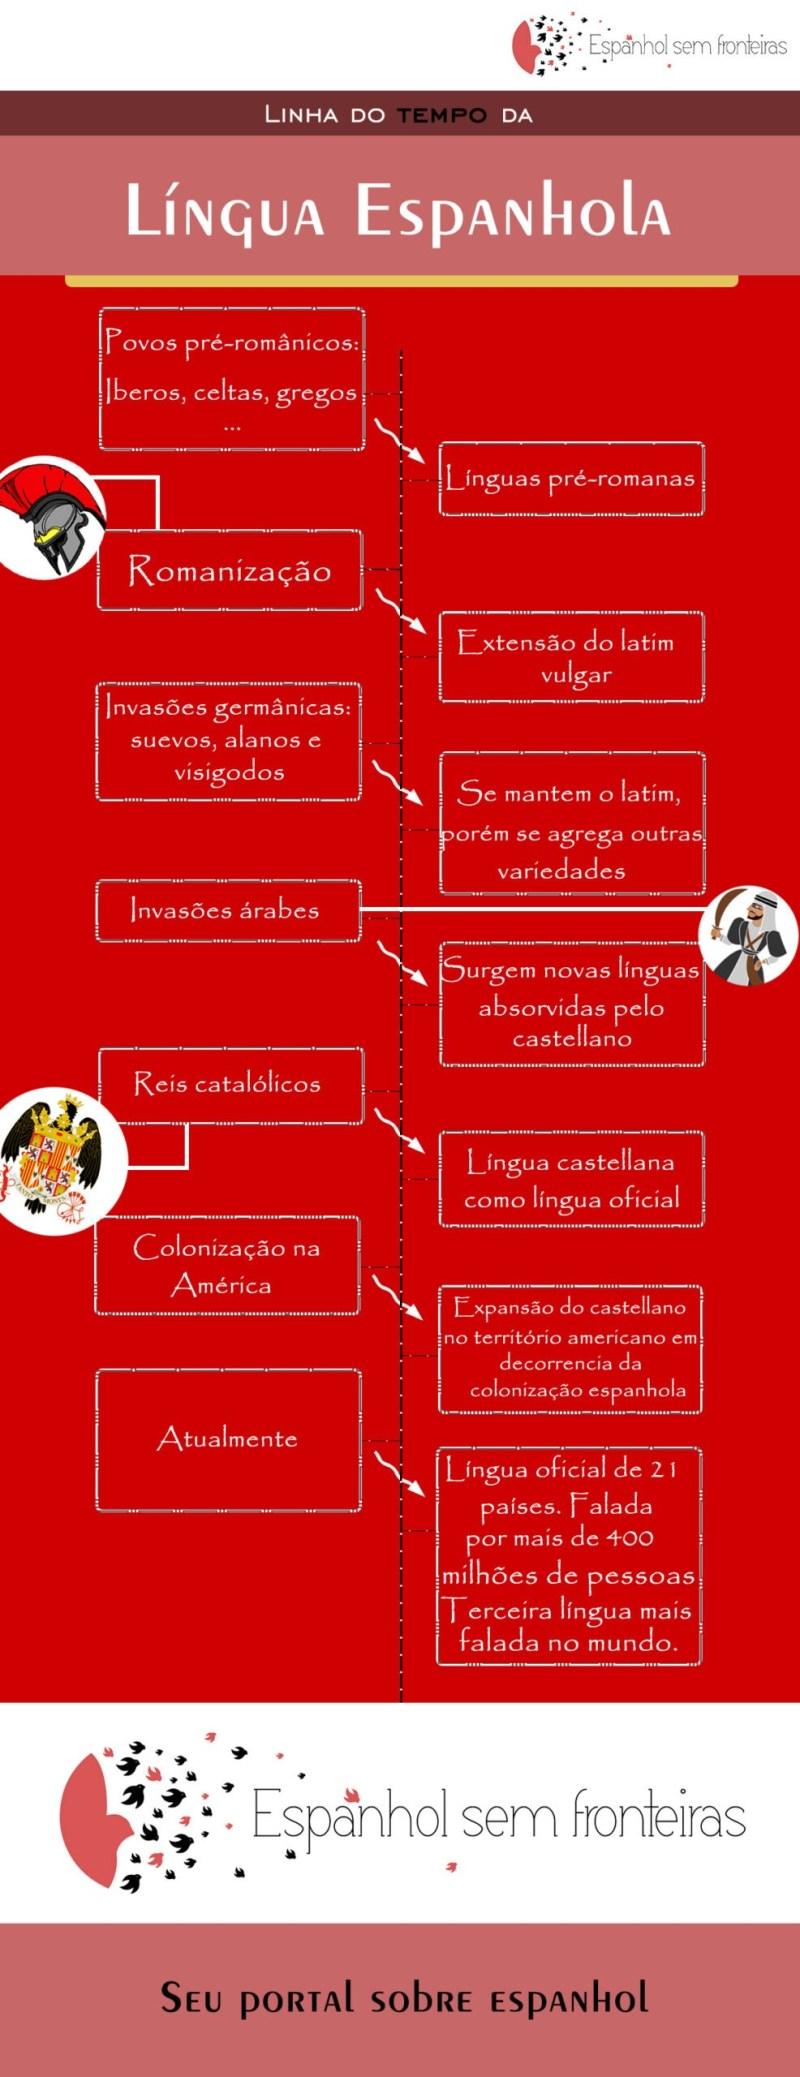 linha do tempo da lingua espanhola